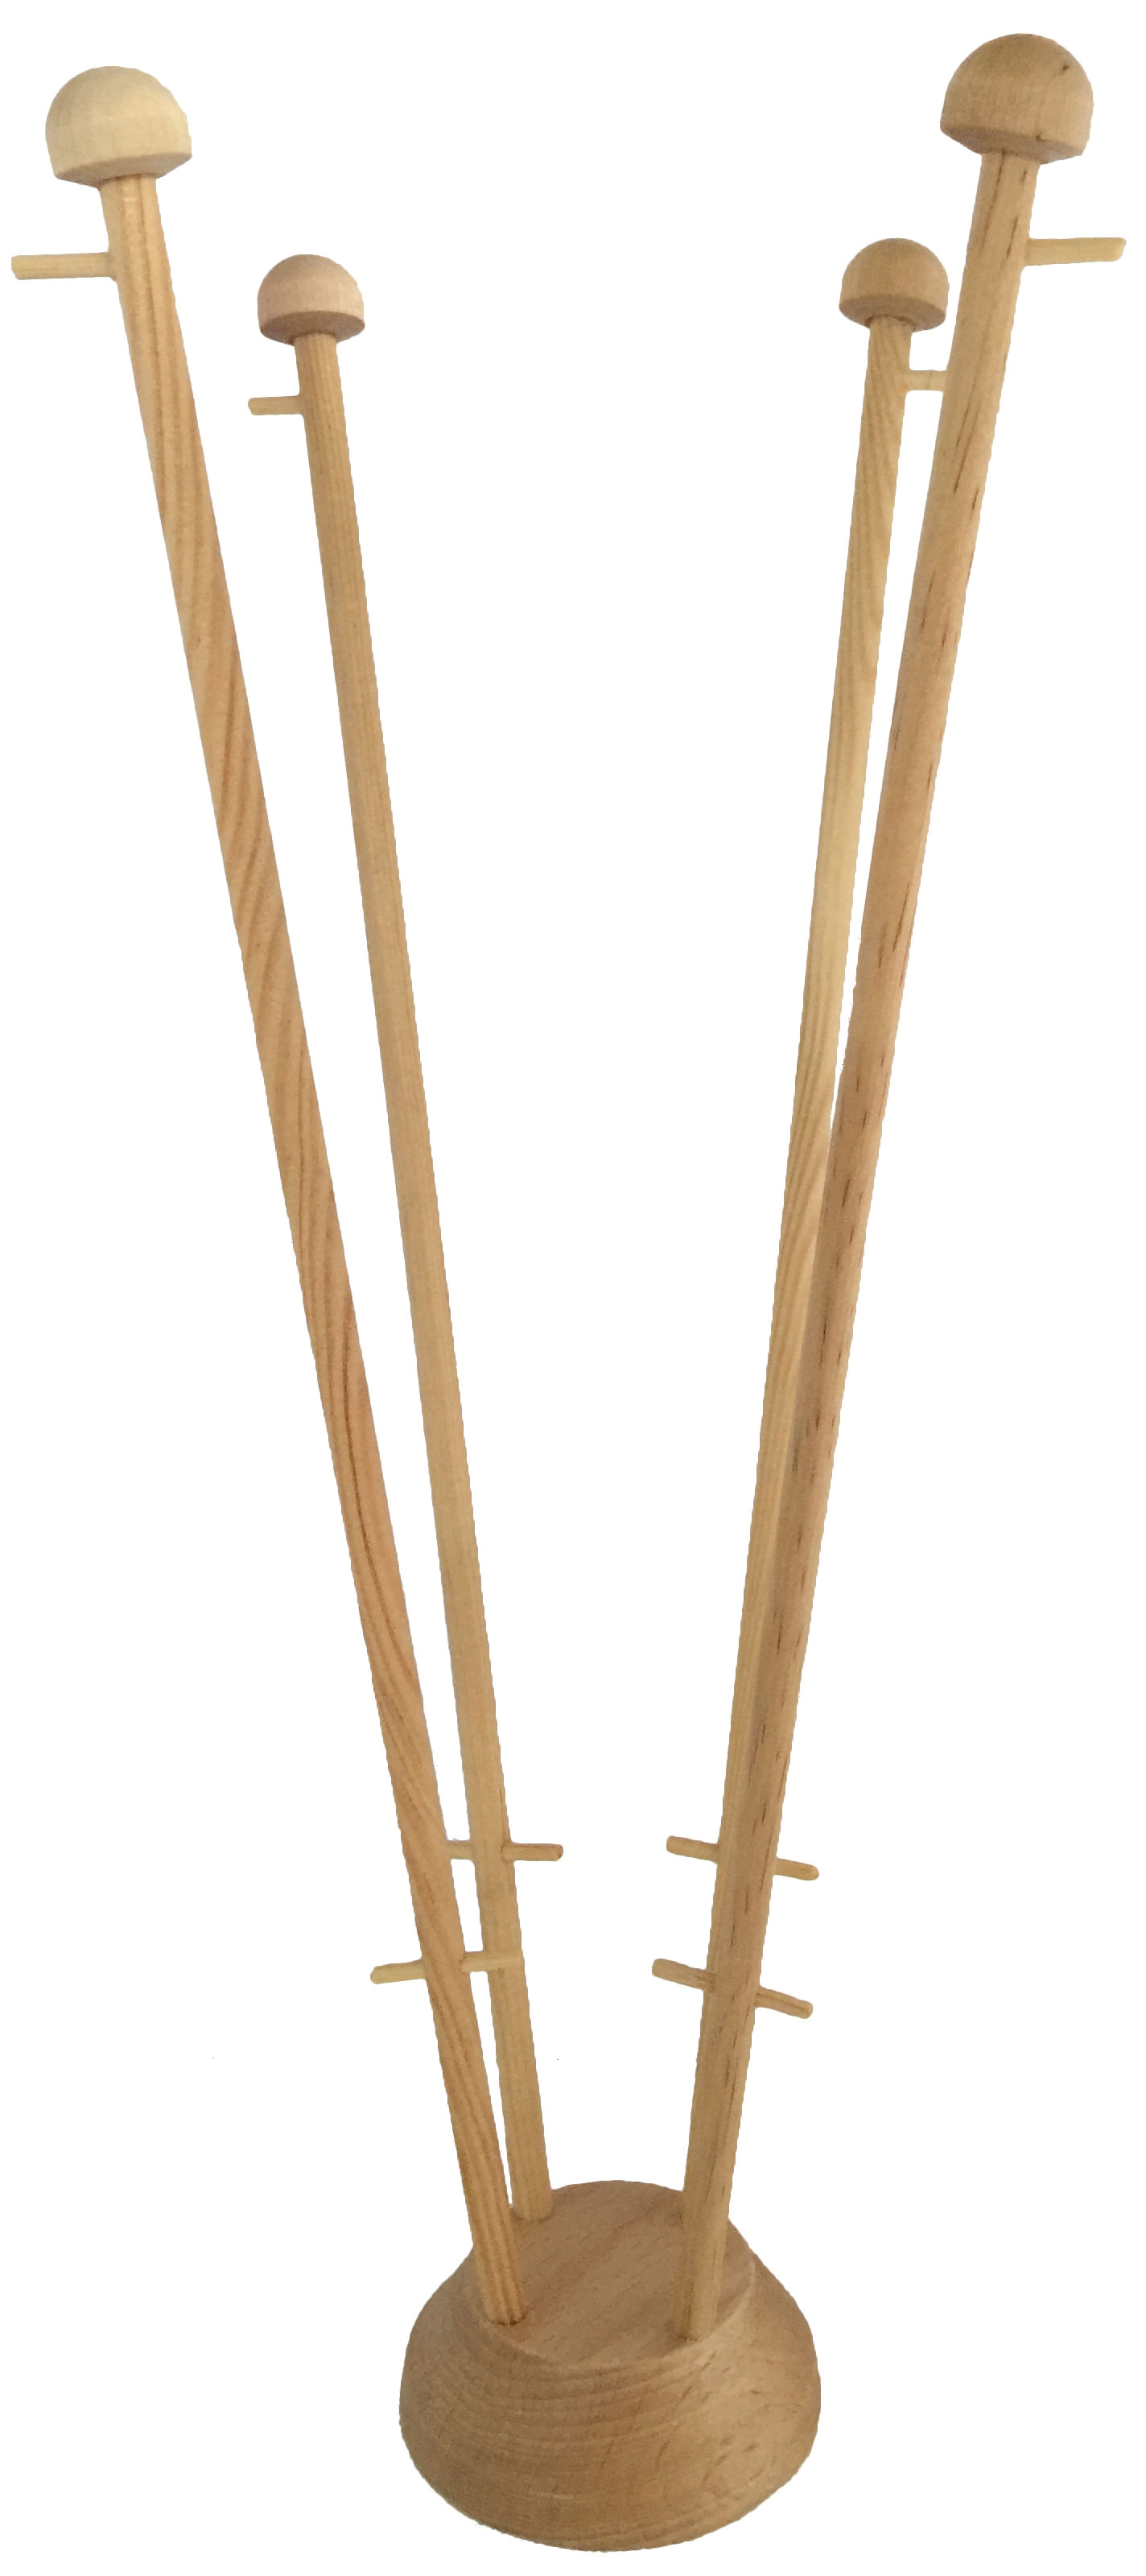 houten tafelstandaard met vier gaten voor tafelvlaggen met mastjes